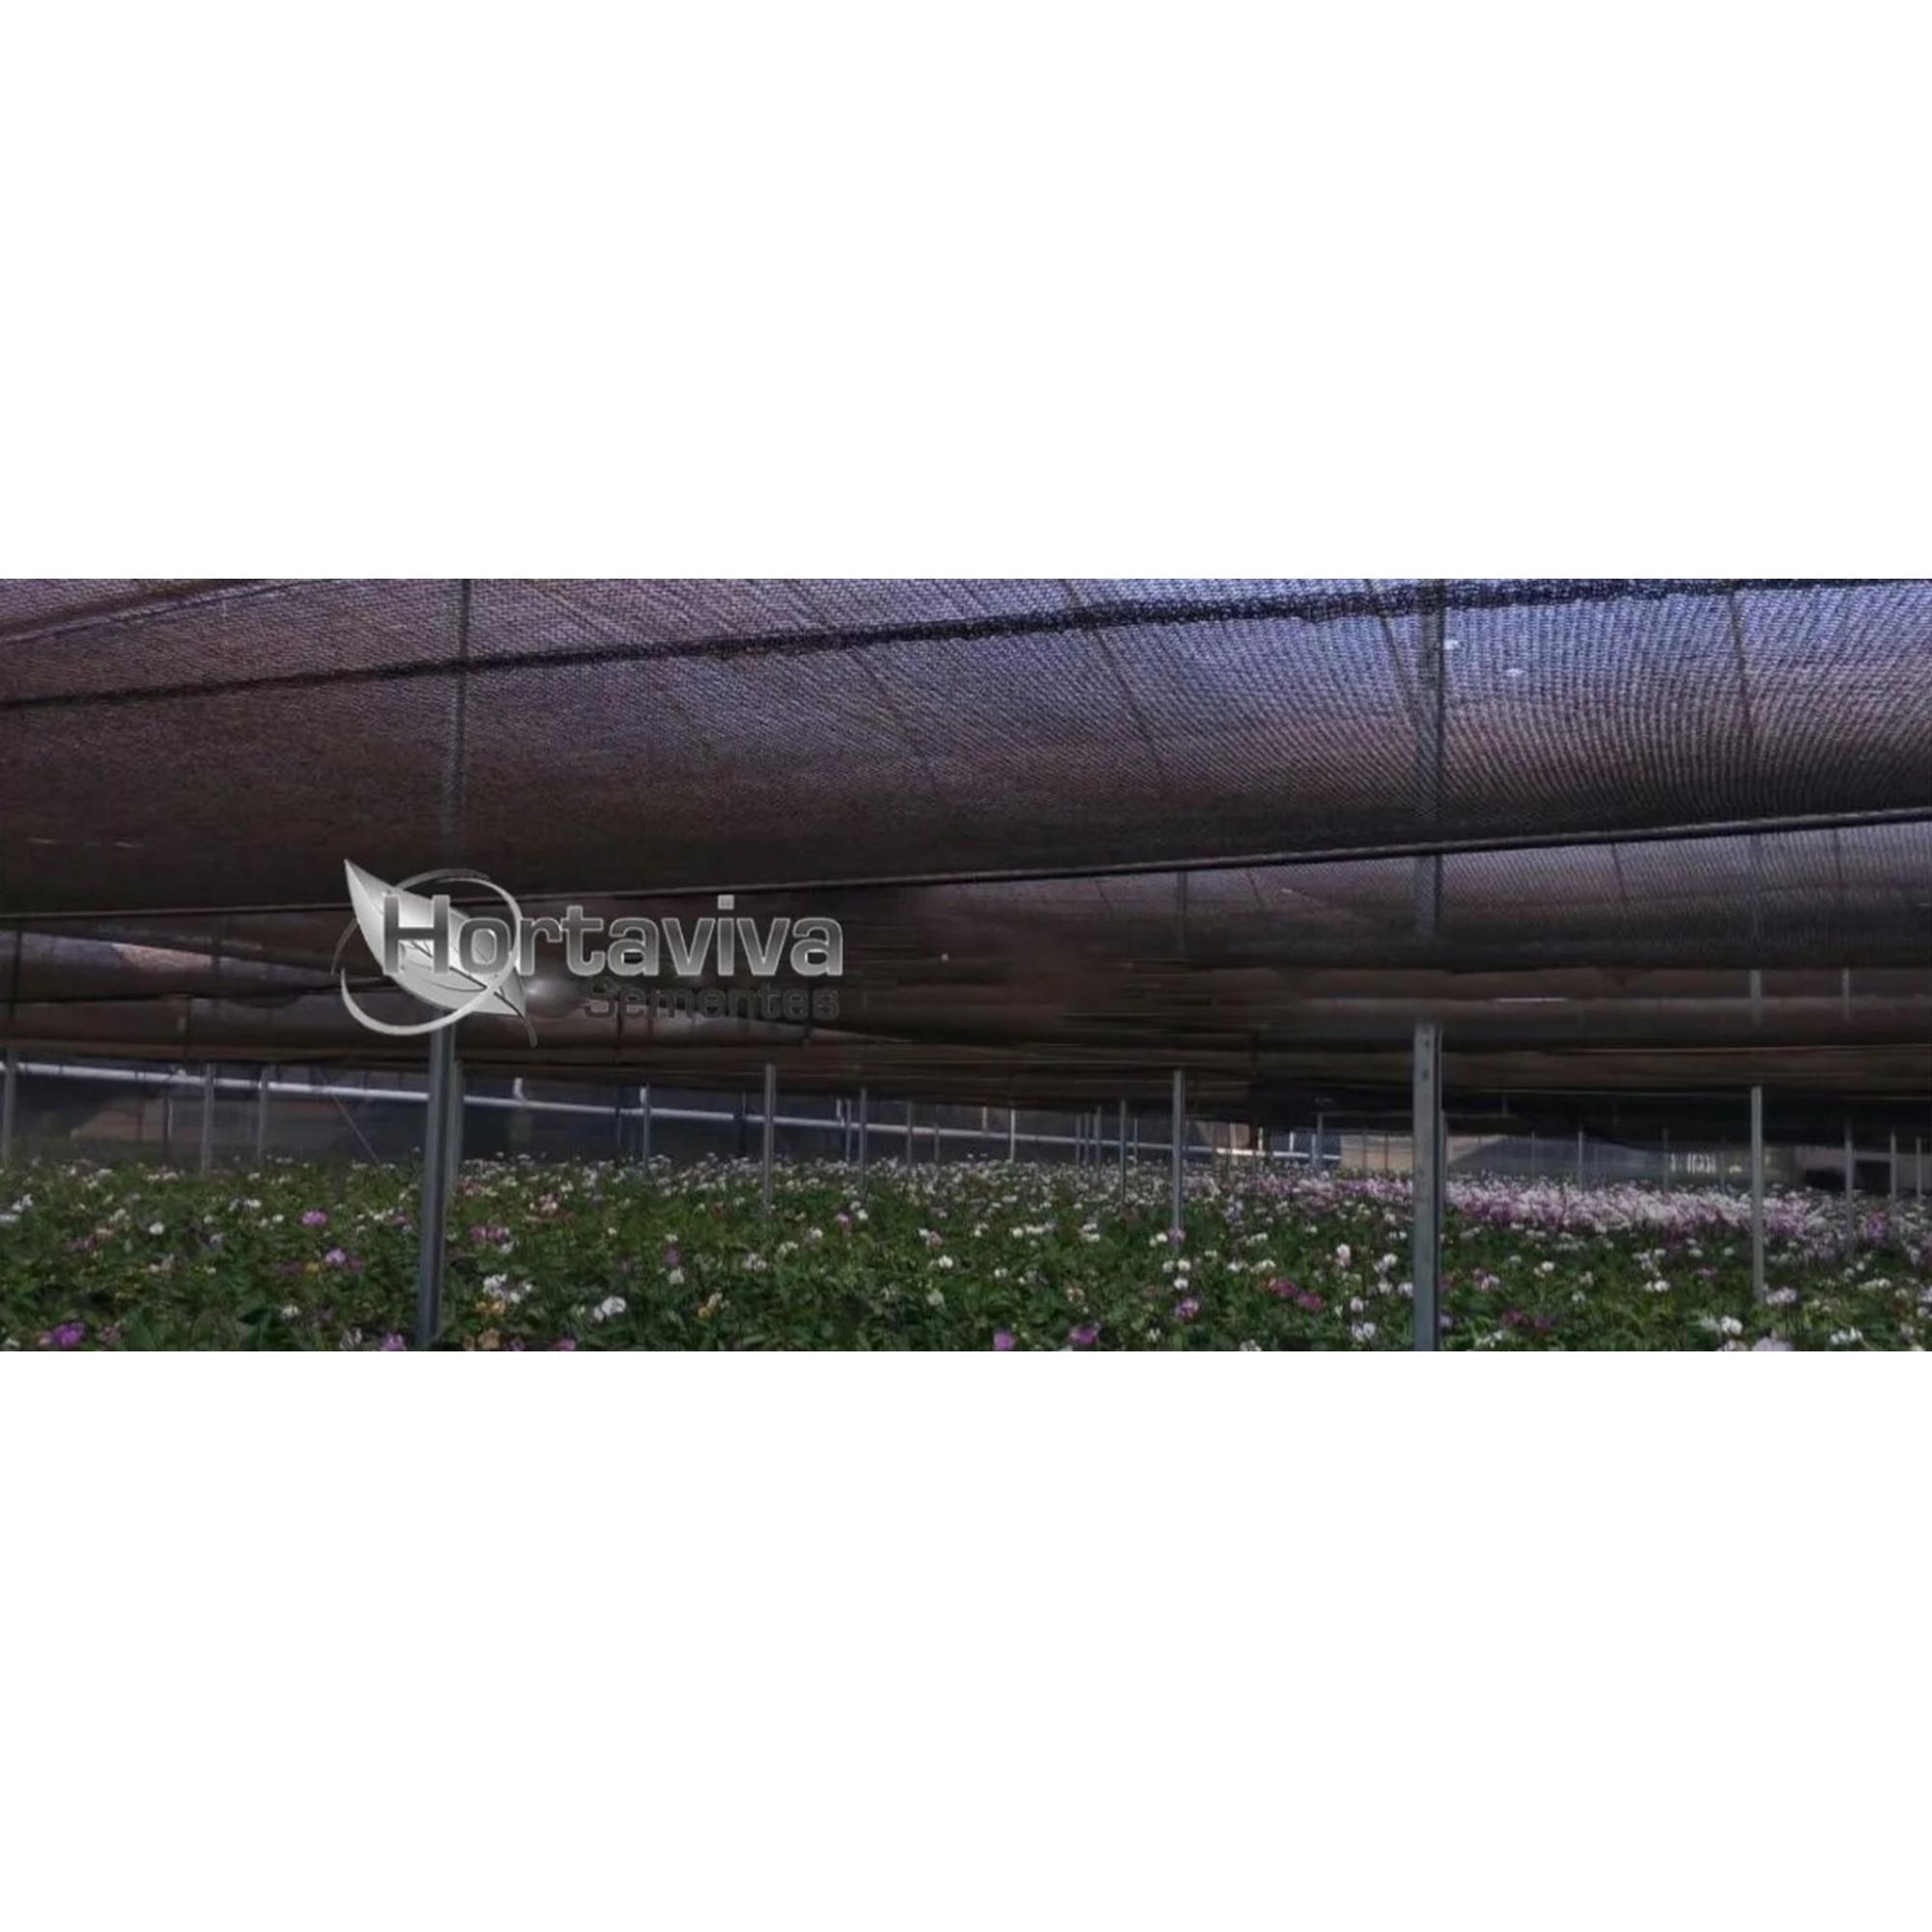 Tela de Sombreamento Preta 50% - 12 Metros x 30 Metros